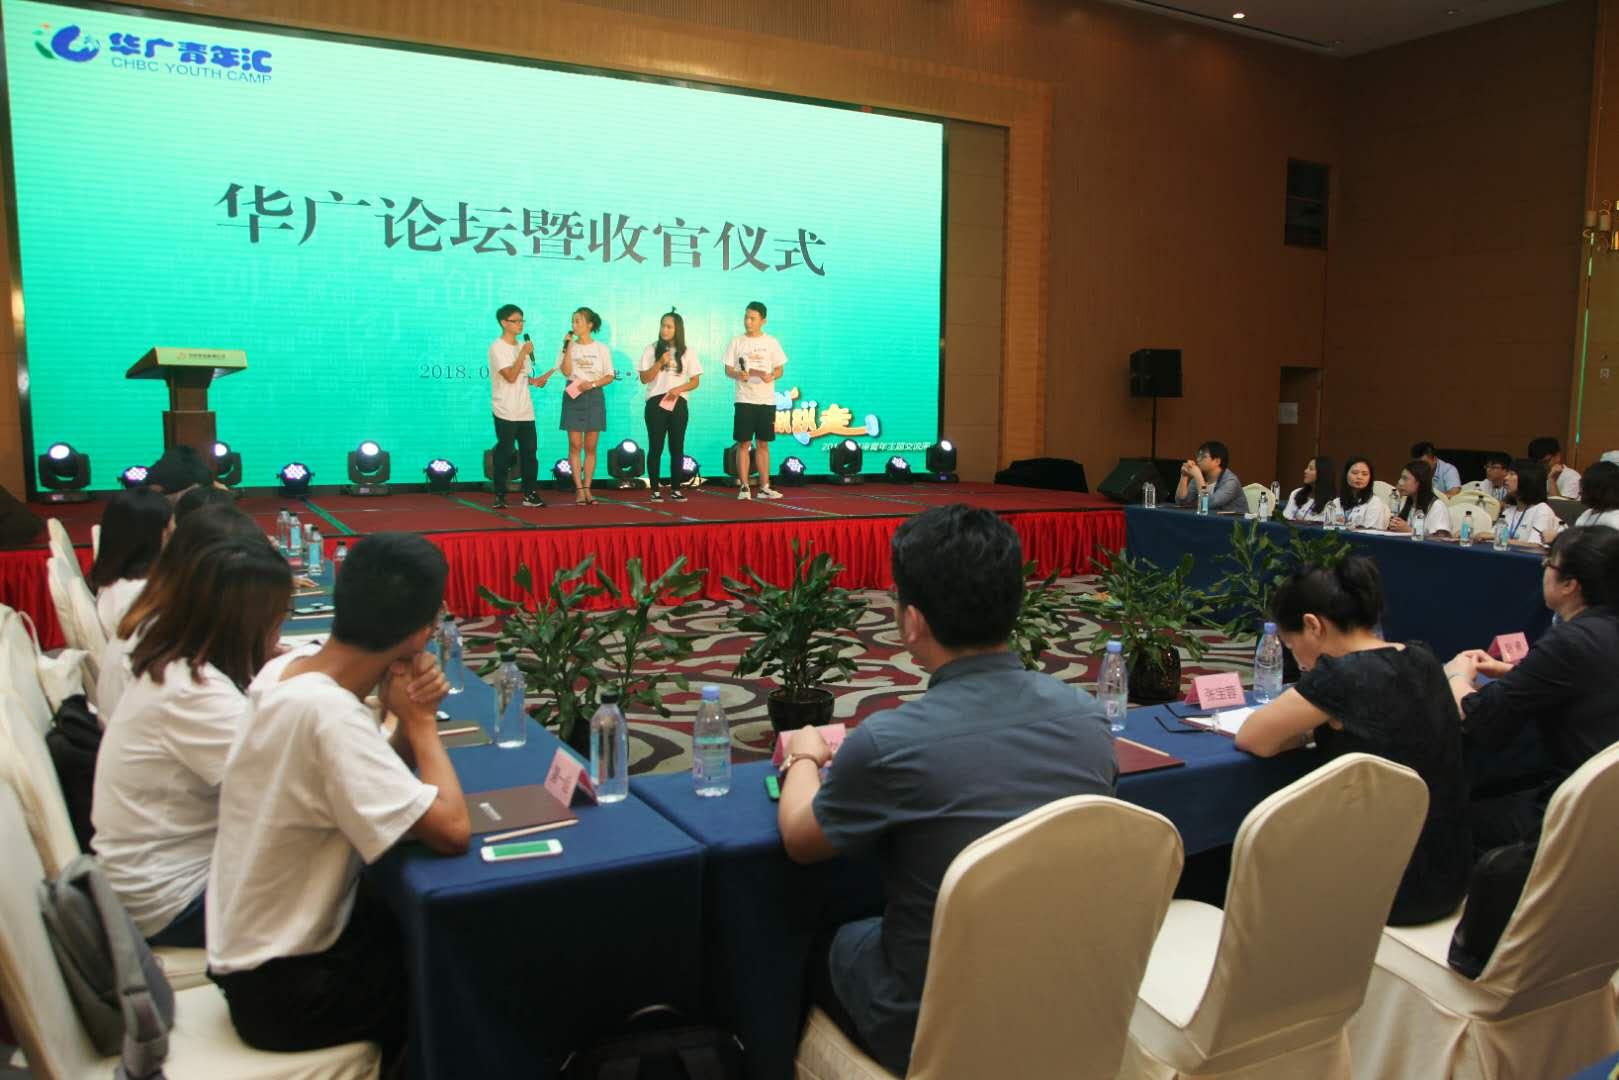 华广青年汇·双创趴趴走——2018年两岸青年主题交流周